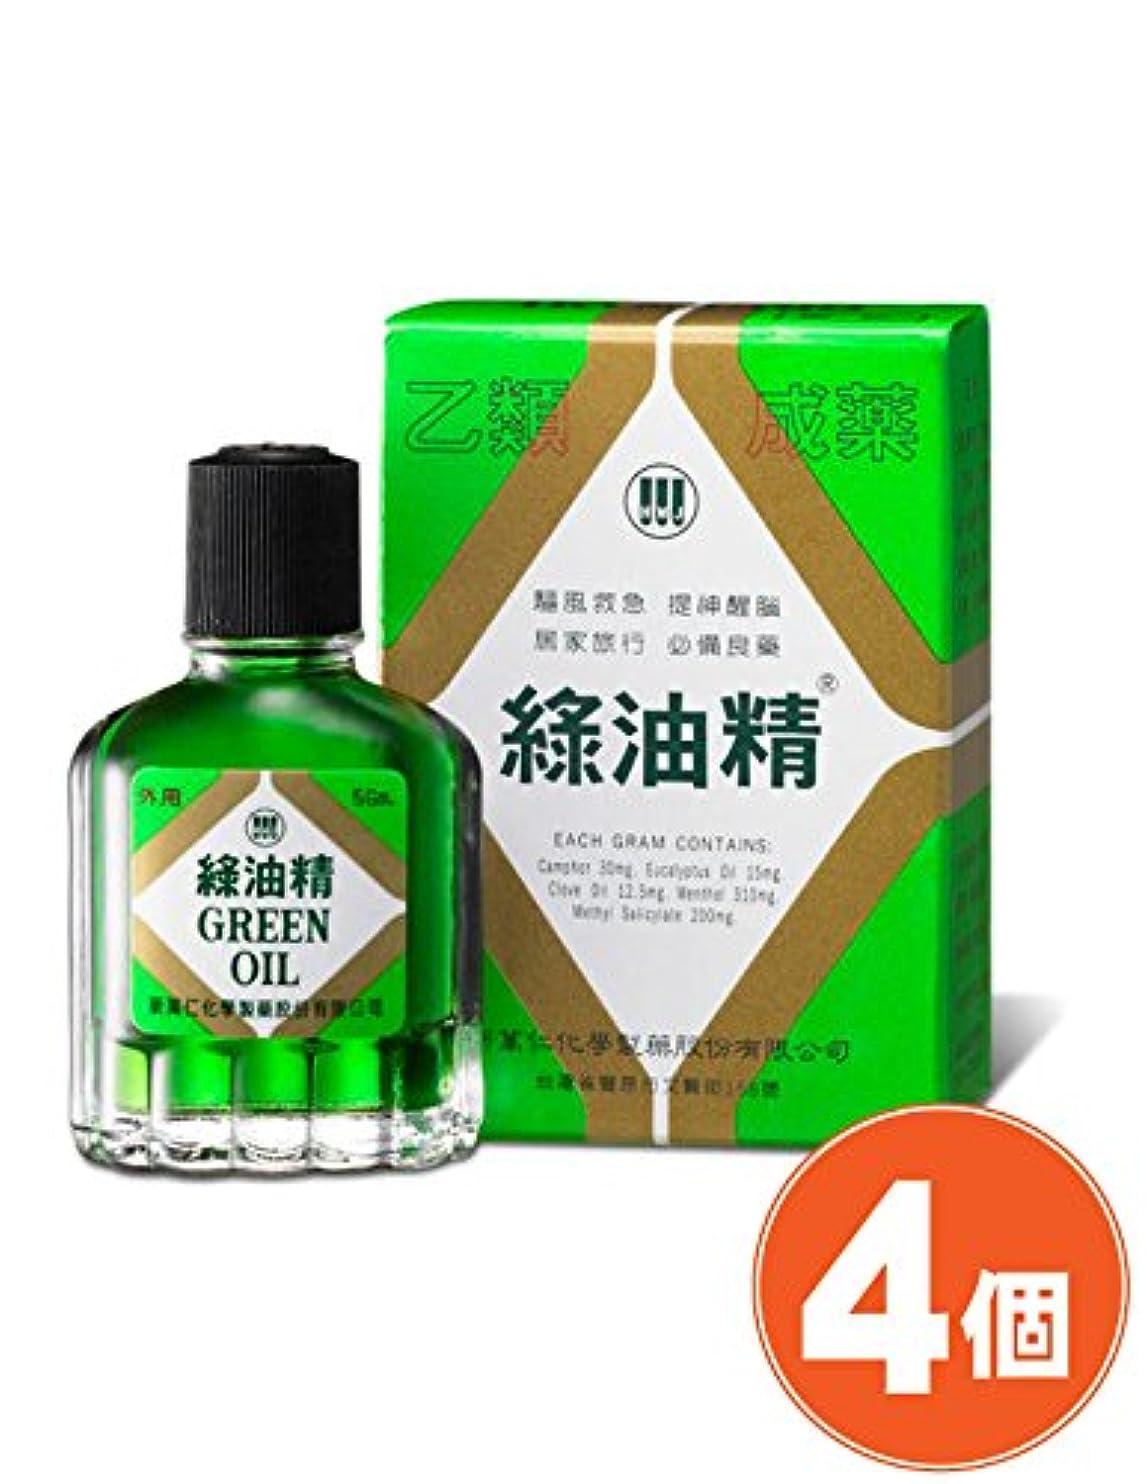 確かに航海骨髄《新萬仁》台湾の万能グリーンオイル 緑油精 5g ×4個 《台湾 お土産》 [並行輸入品]